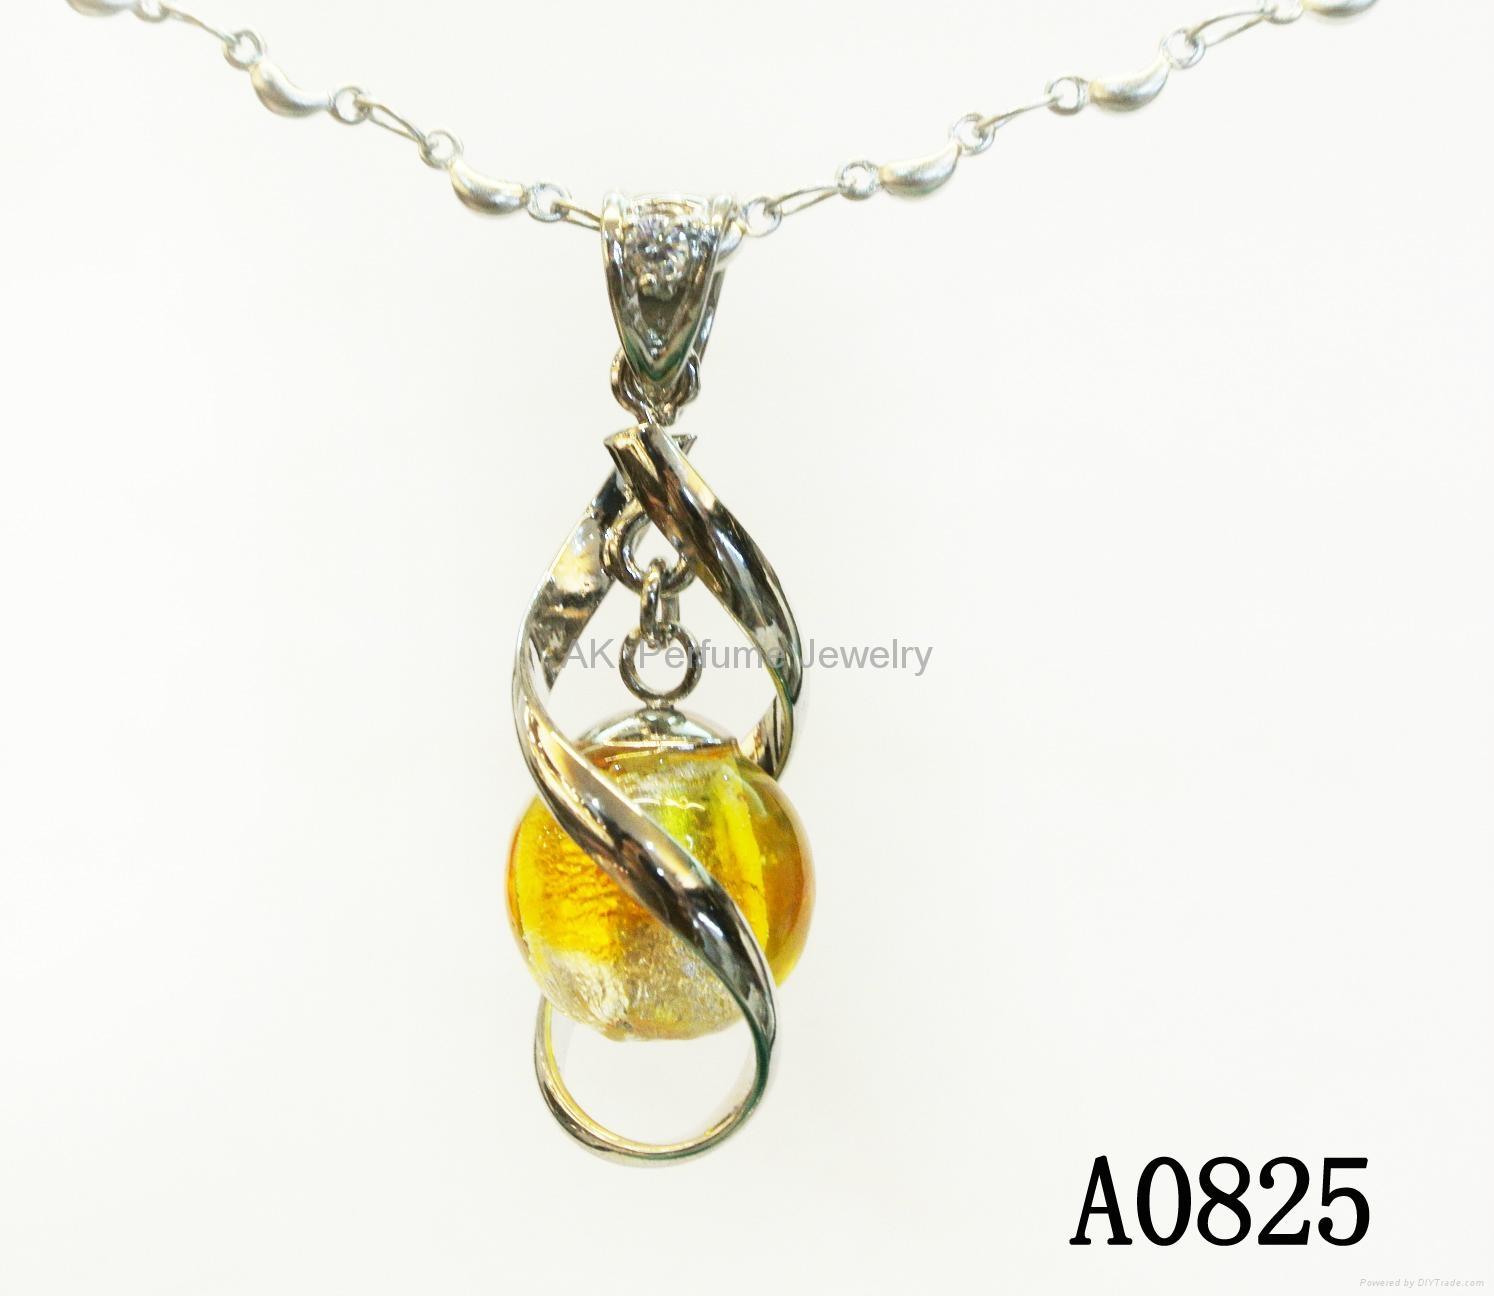 AK~香氛珠宝琉璃精油香水瓶项链毛衣吊坠『旋转向上』 1